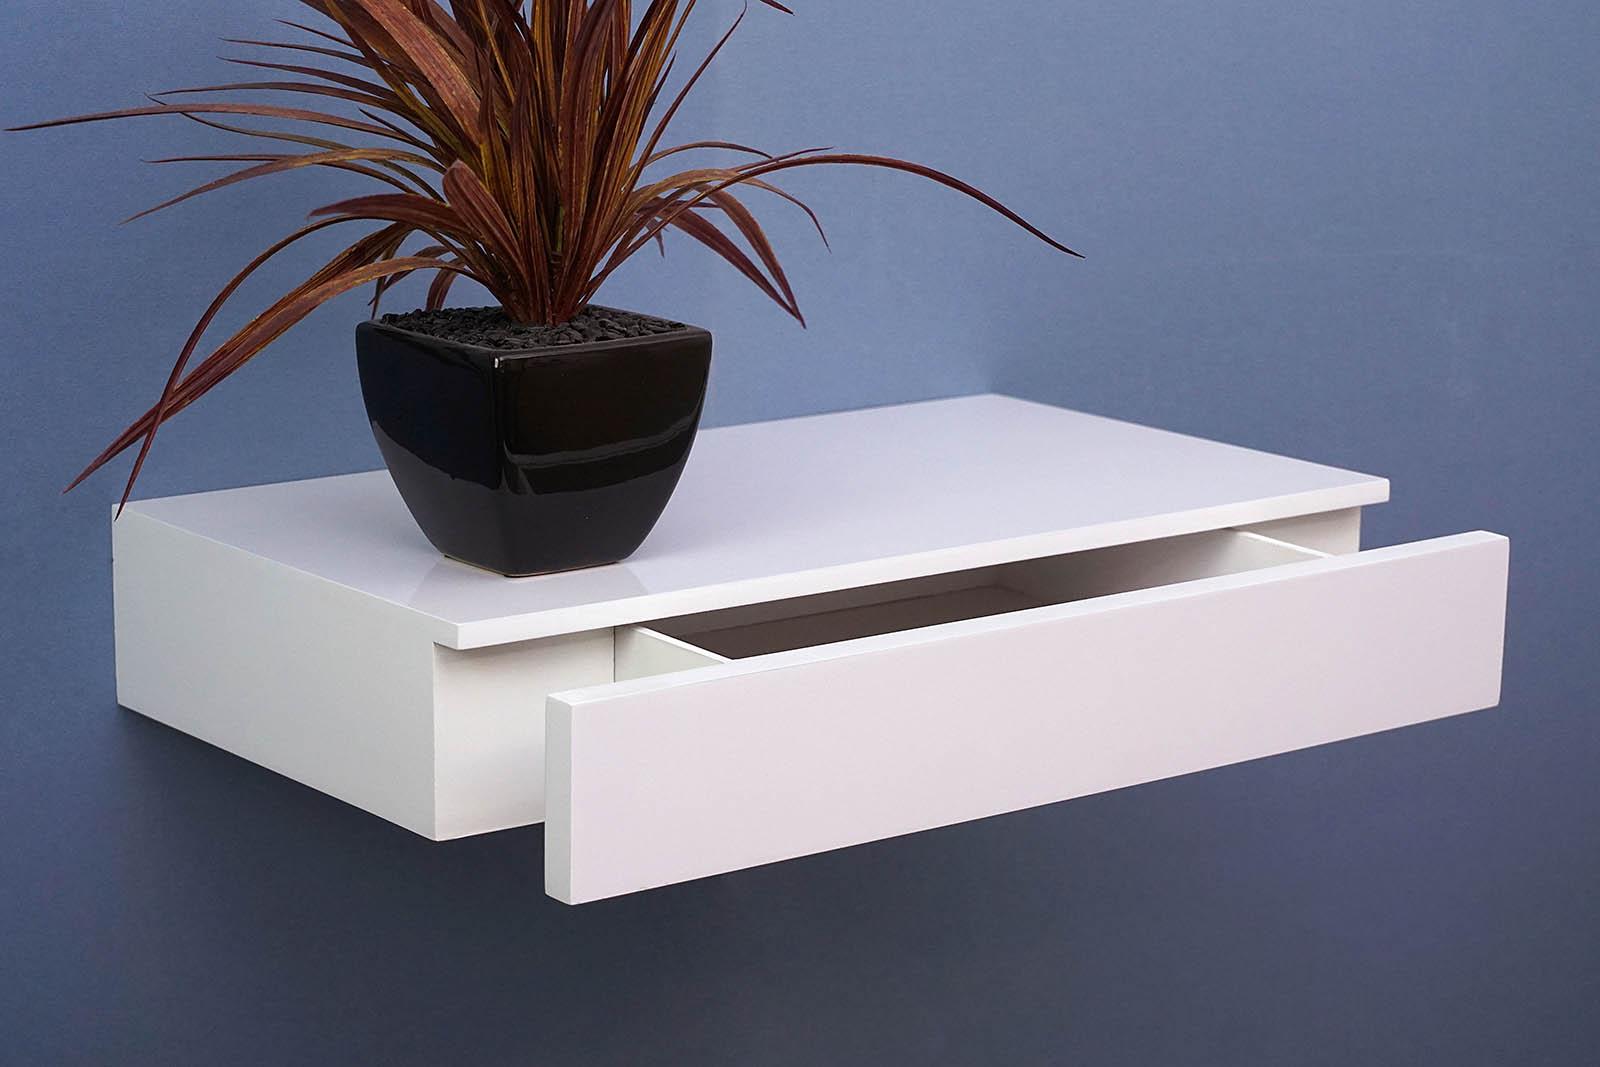 450x250x80 gloss White draw shelf